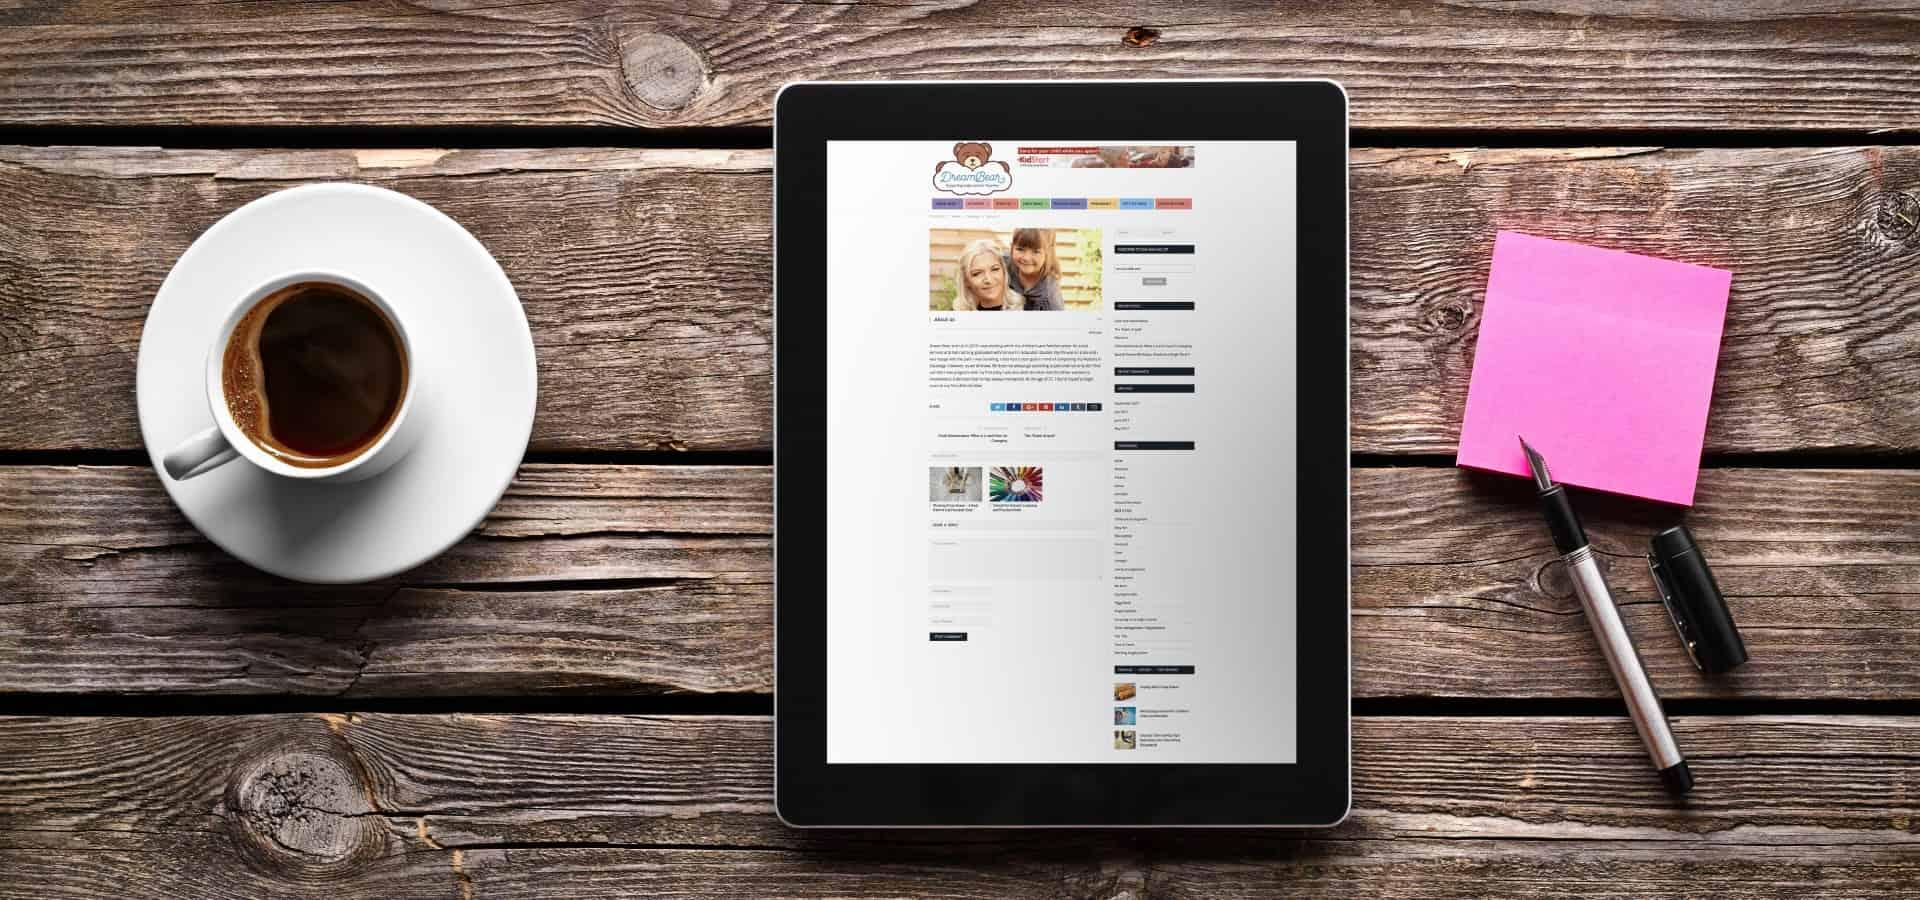 responsive-website-design-hero-image-new